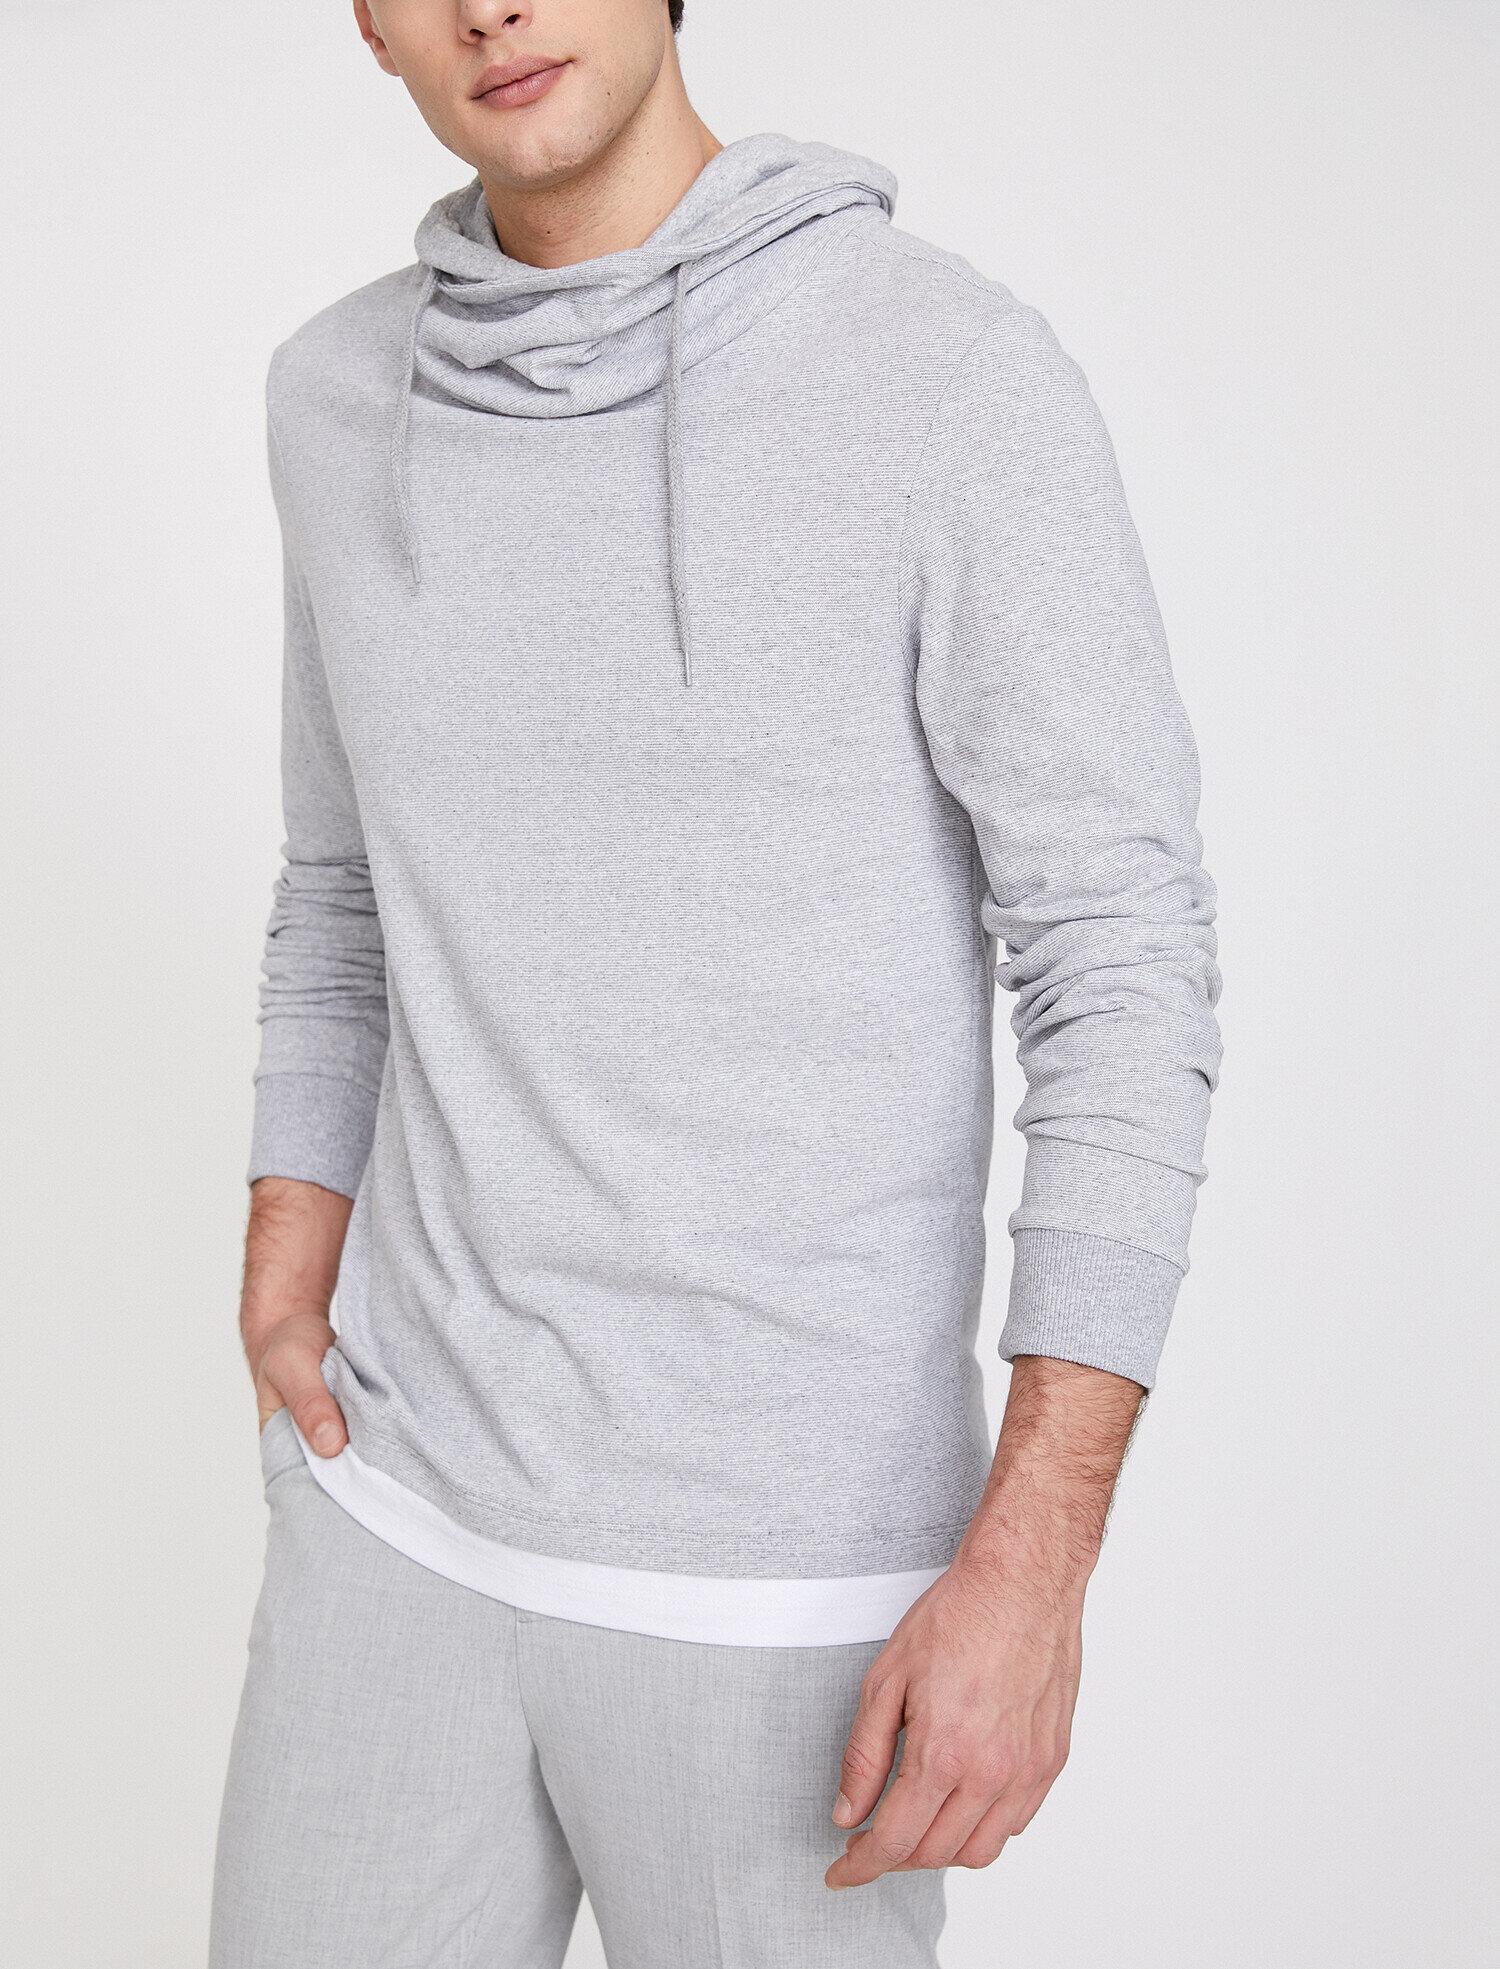 Koton Erkek Kapüsonlu Sweatshirt Gri Ürün Resmi